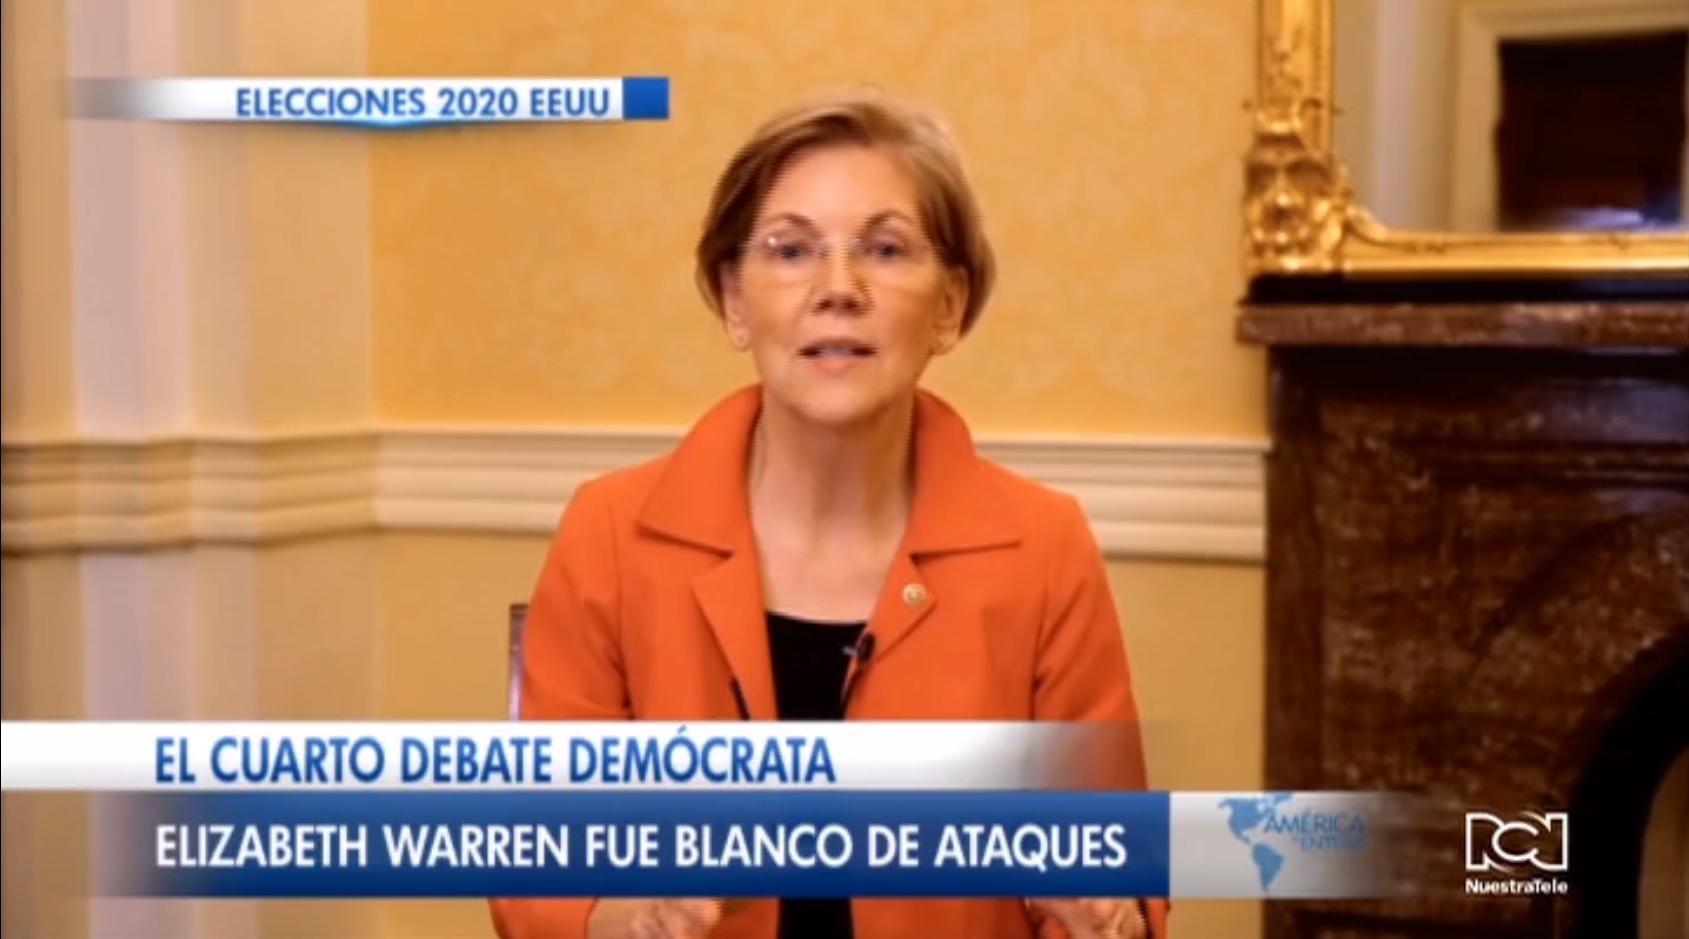 Elizabeth Warren dominó en medio de críticas el cuarto debate demócrata